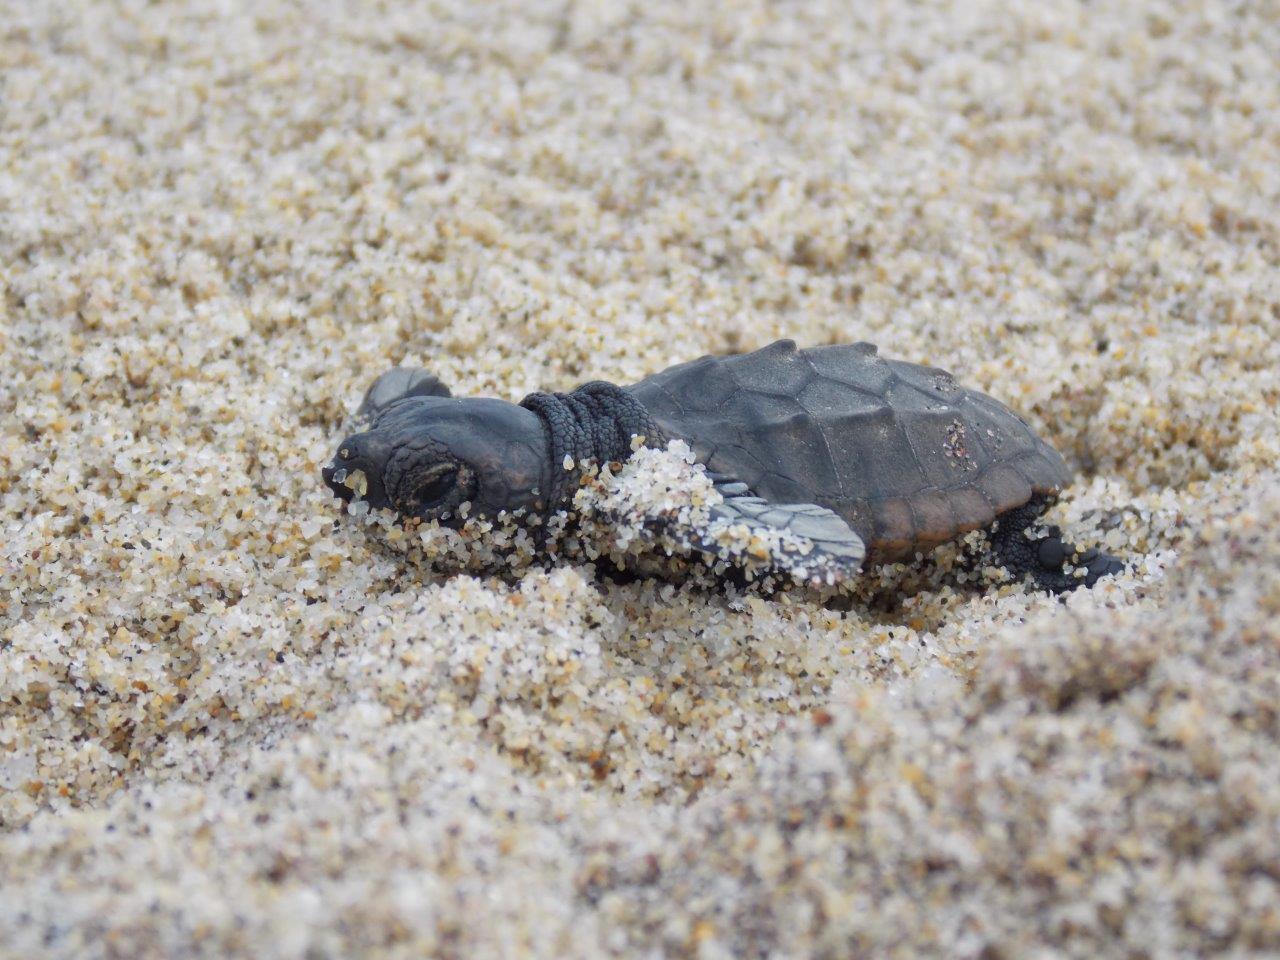 Tartarughe marine si schiude il nido di pizzo wwf italy for Tartarughe appena nate